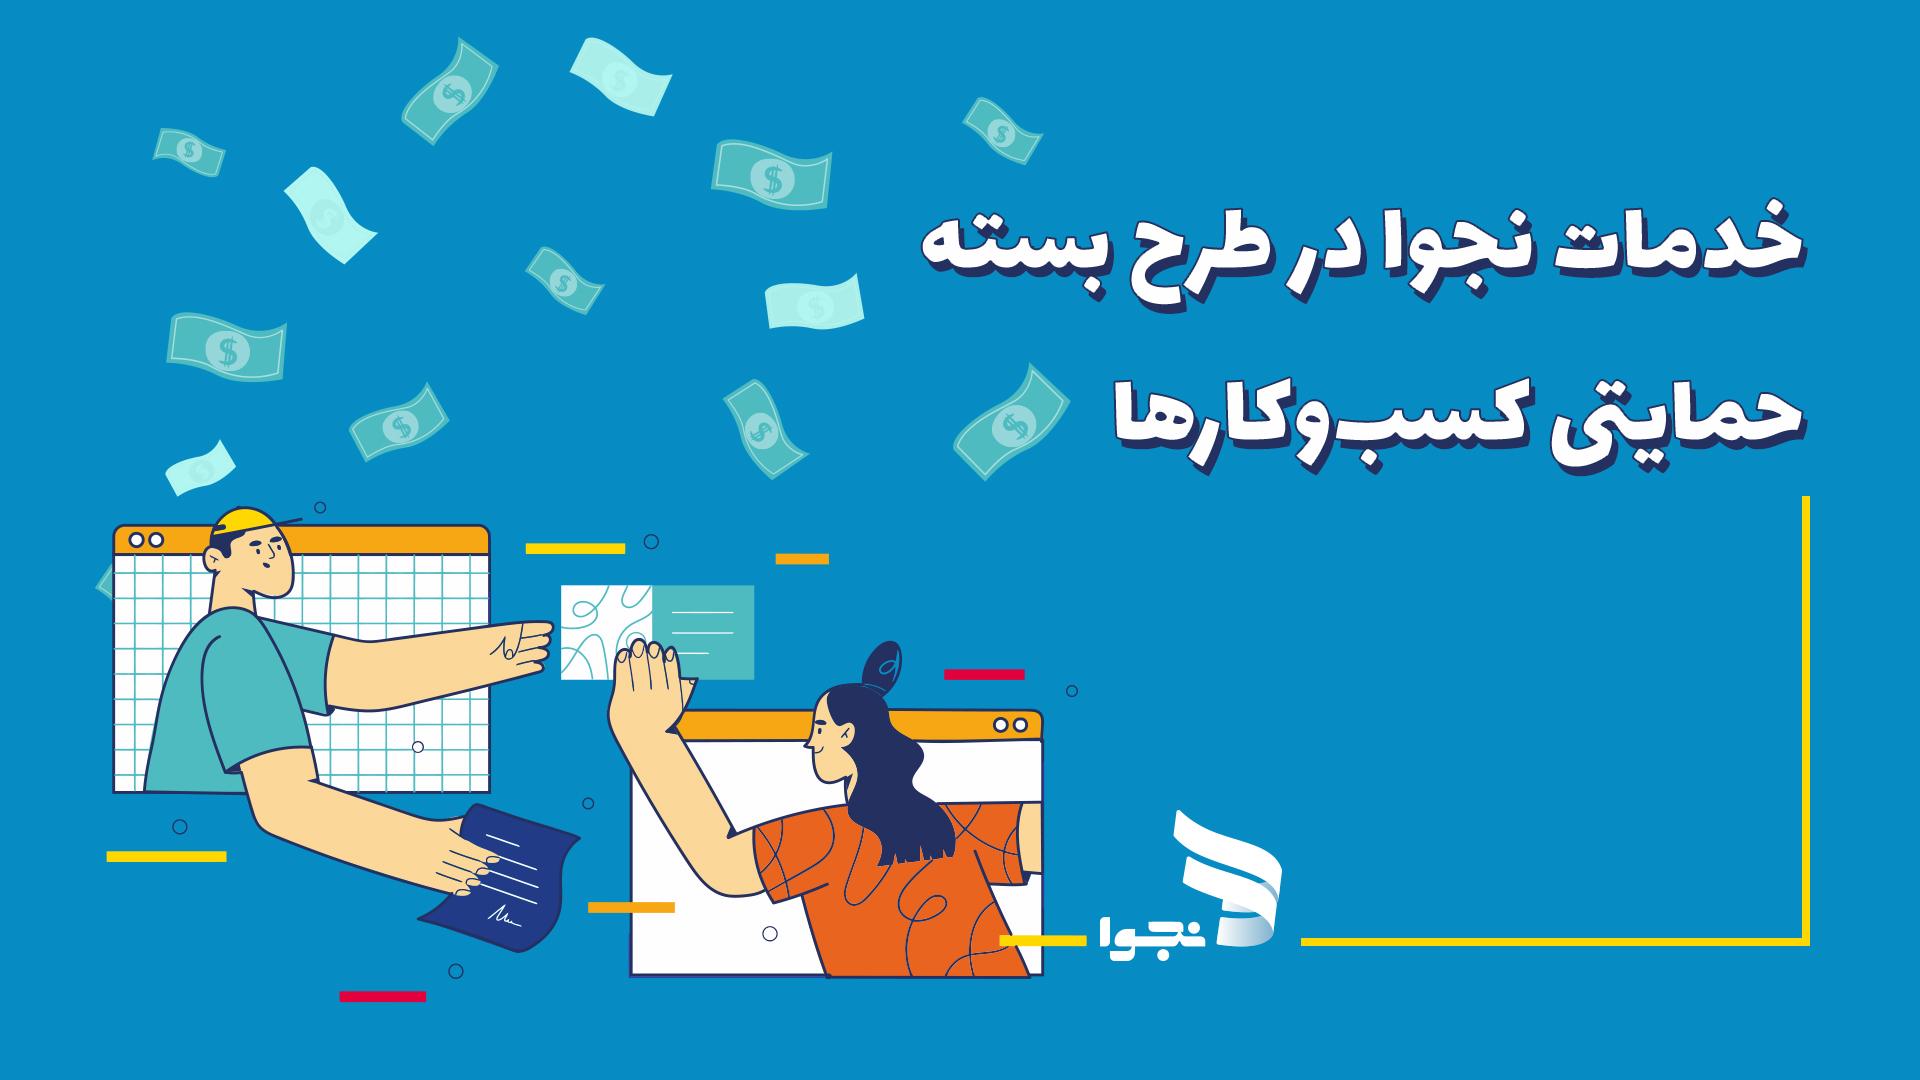 خدمات رایگان نجوا در طرح ایران نوآفرین